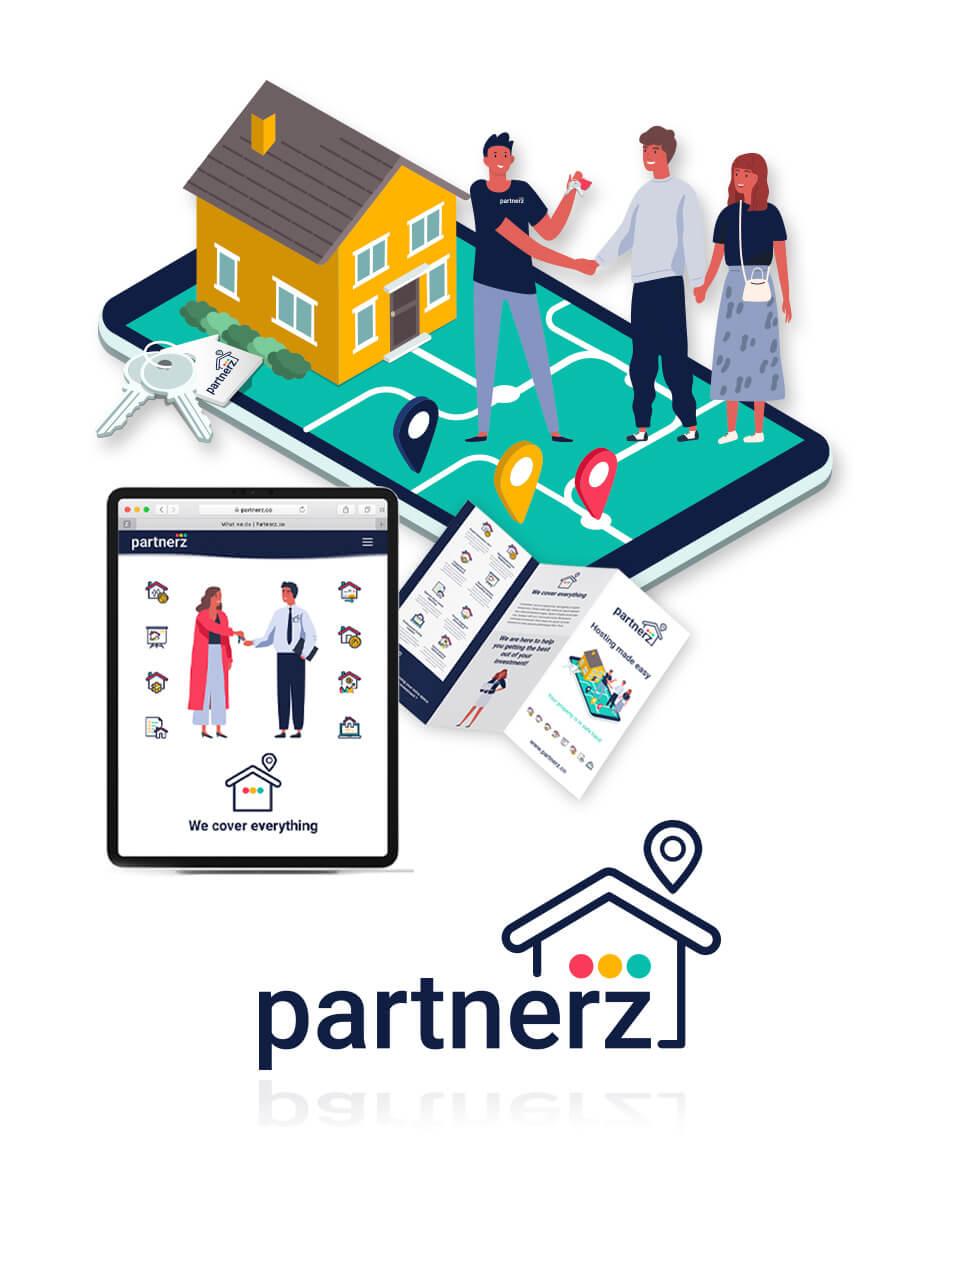 partnerz - Z concept